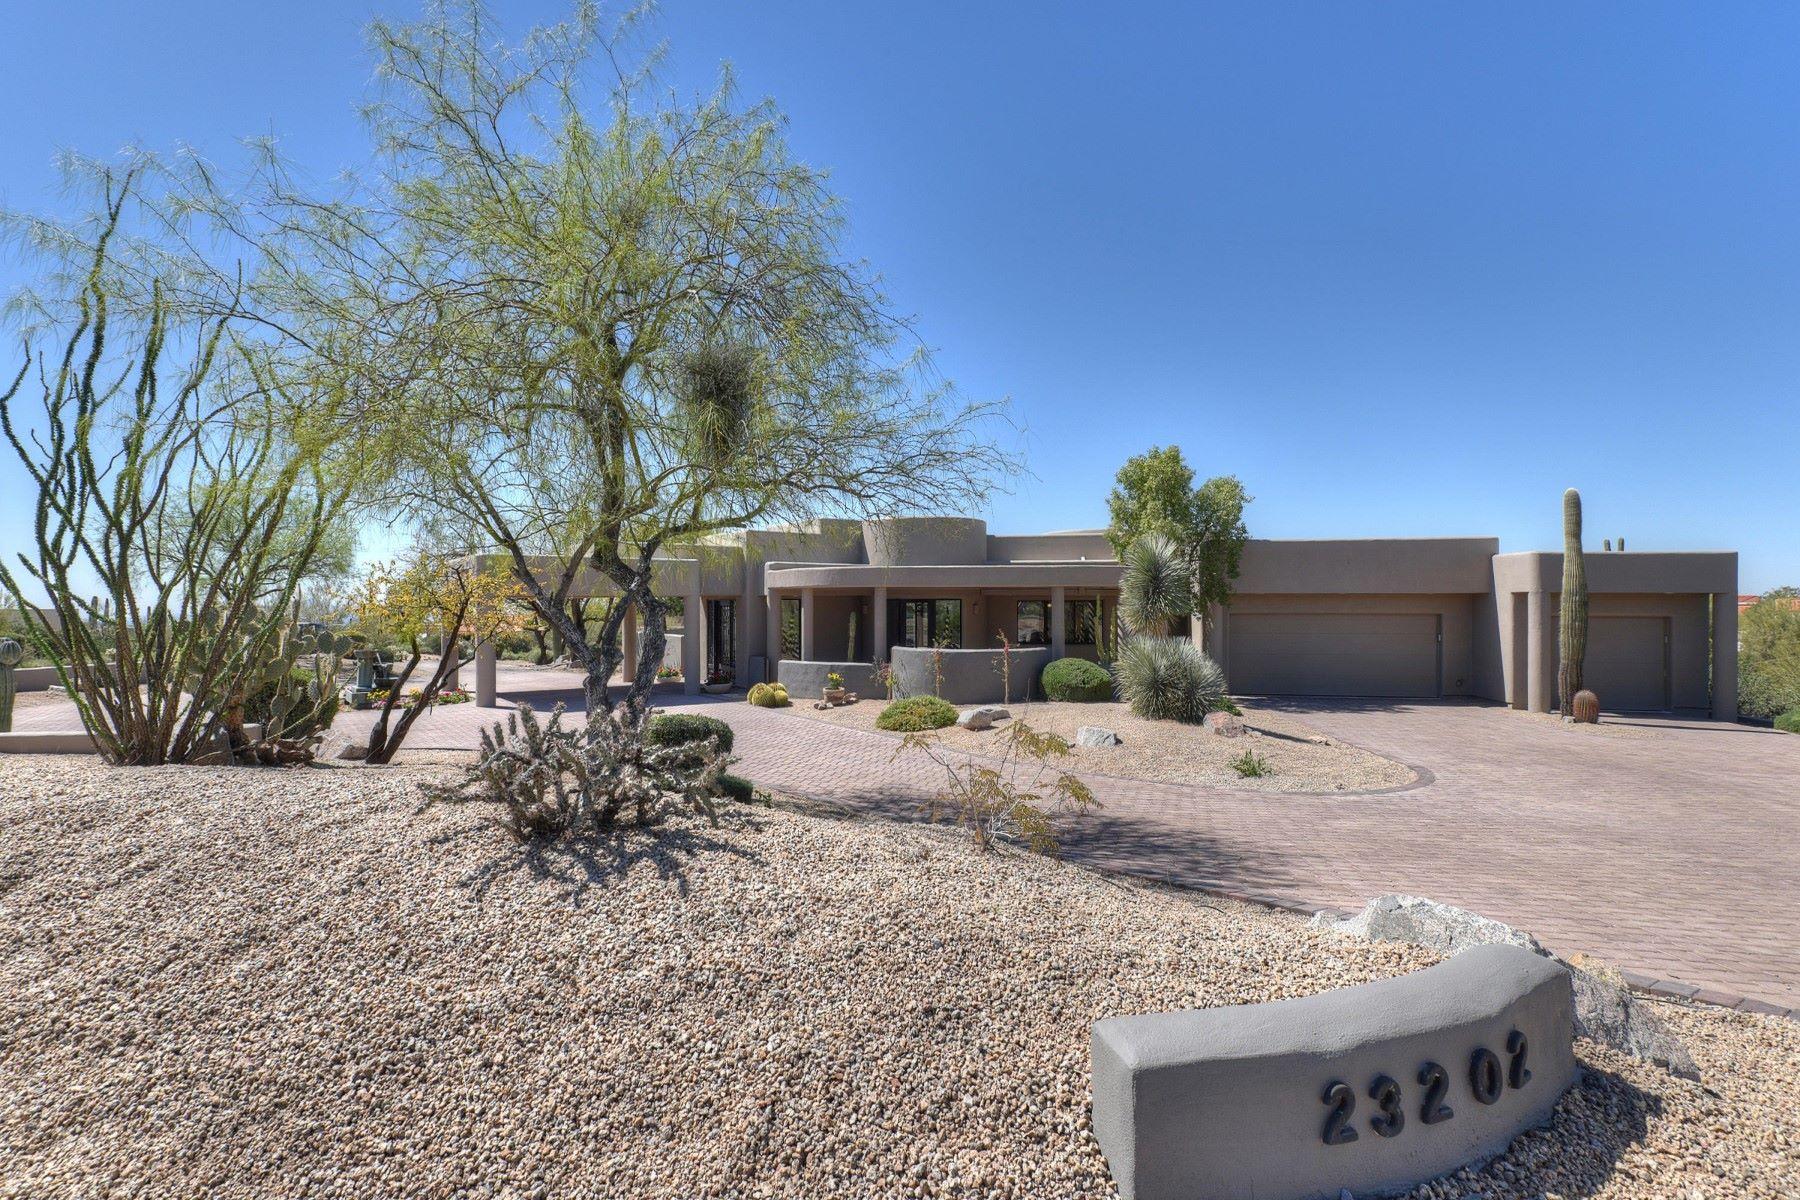 一戸建て のために 売買 アット Luxurious home on a large elevated hill side 23202 N Dobson Rd Scottsdale, アリゾナ, 85255 アメリカ合衆国